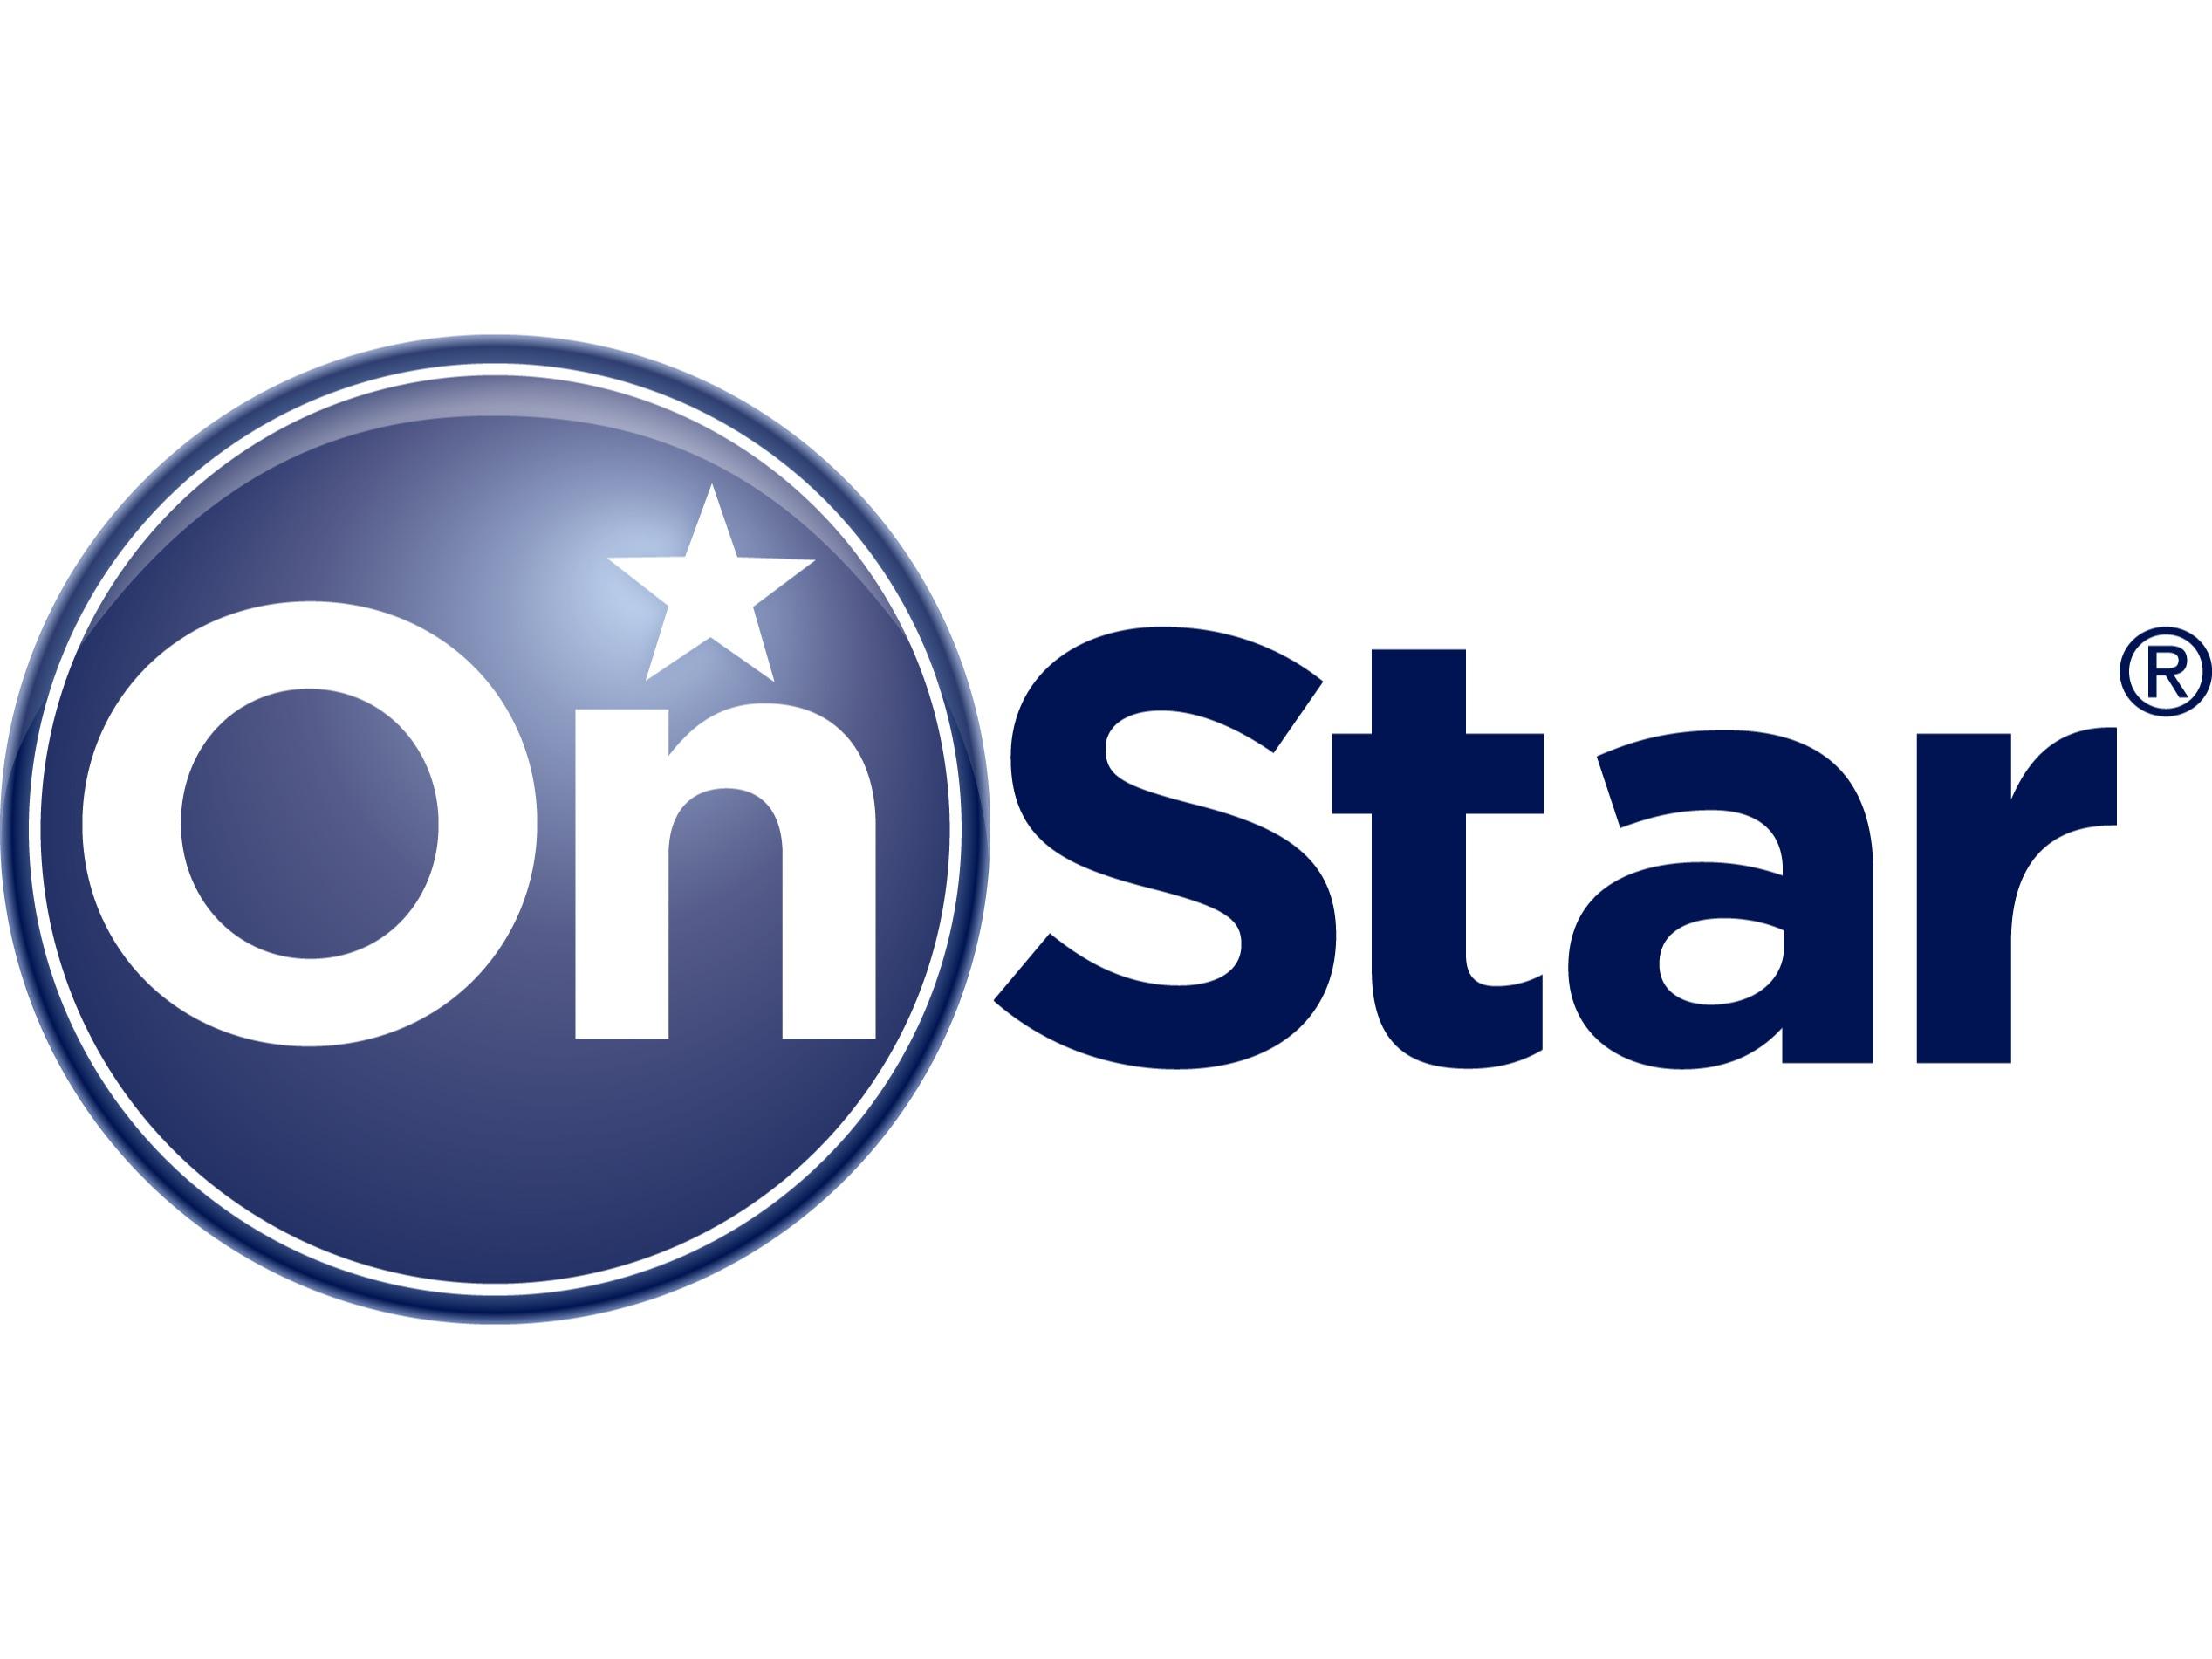 logo logo 标志 设计 矢量 矢量图 素材 图标 2535_1901